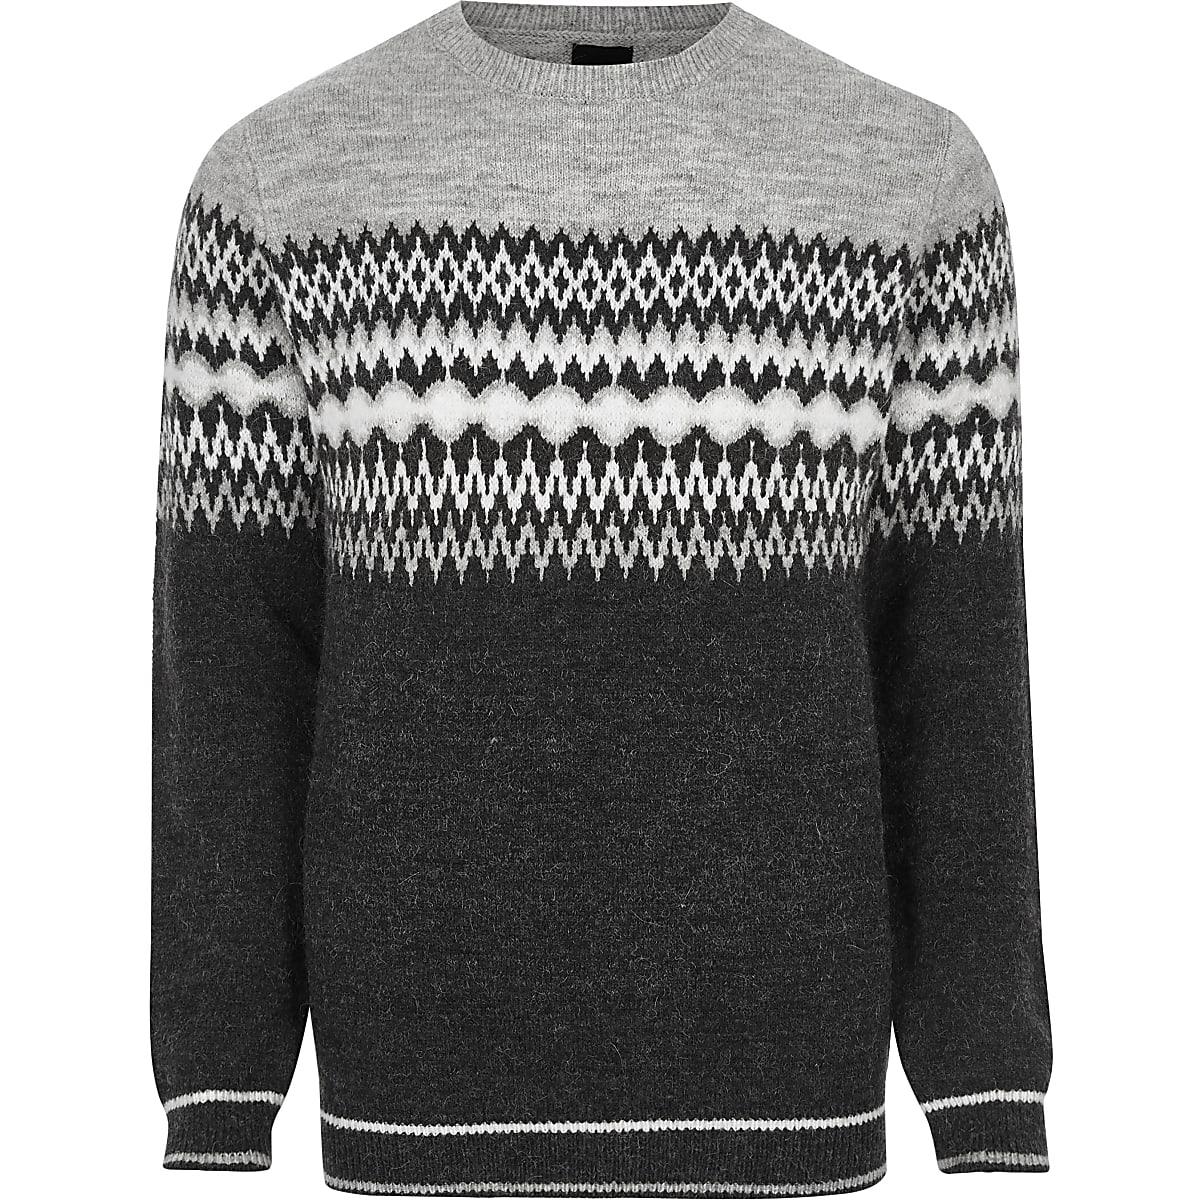 Grey Fairisle block knit Christmas jumper